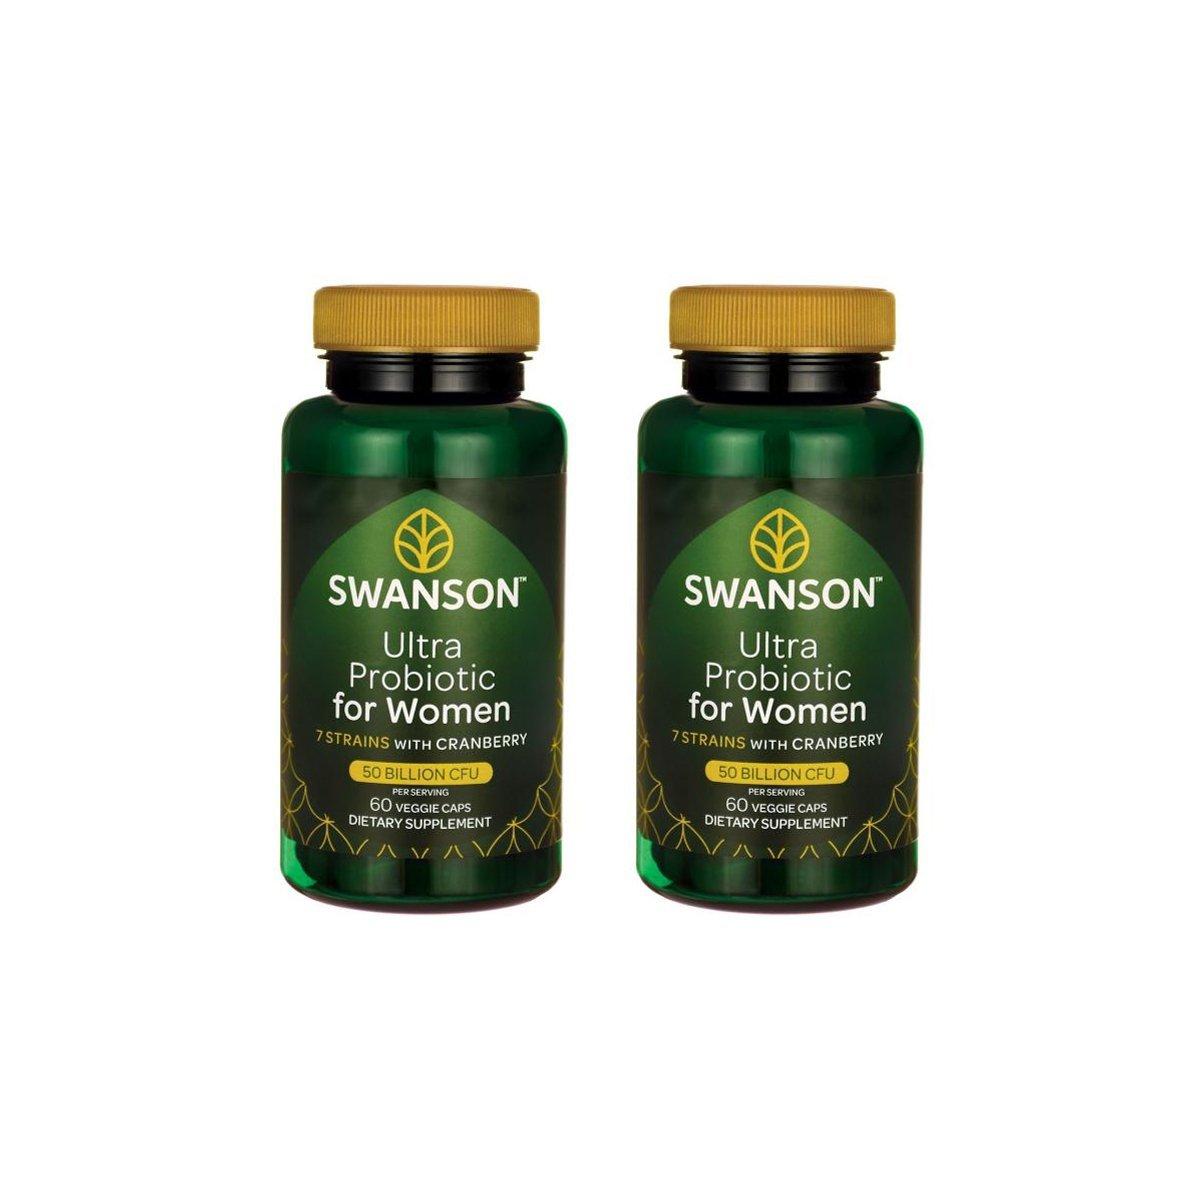 Swanson Ultra Probiotic for Women 25 Billion Cfu 60 Veg Caps 2 Pack